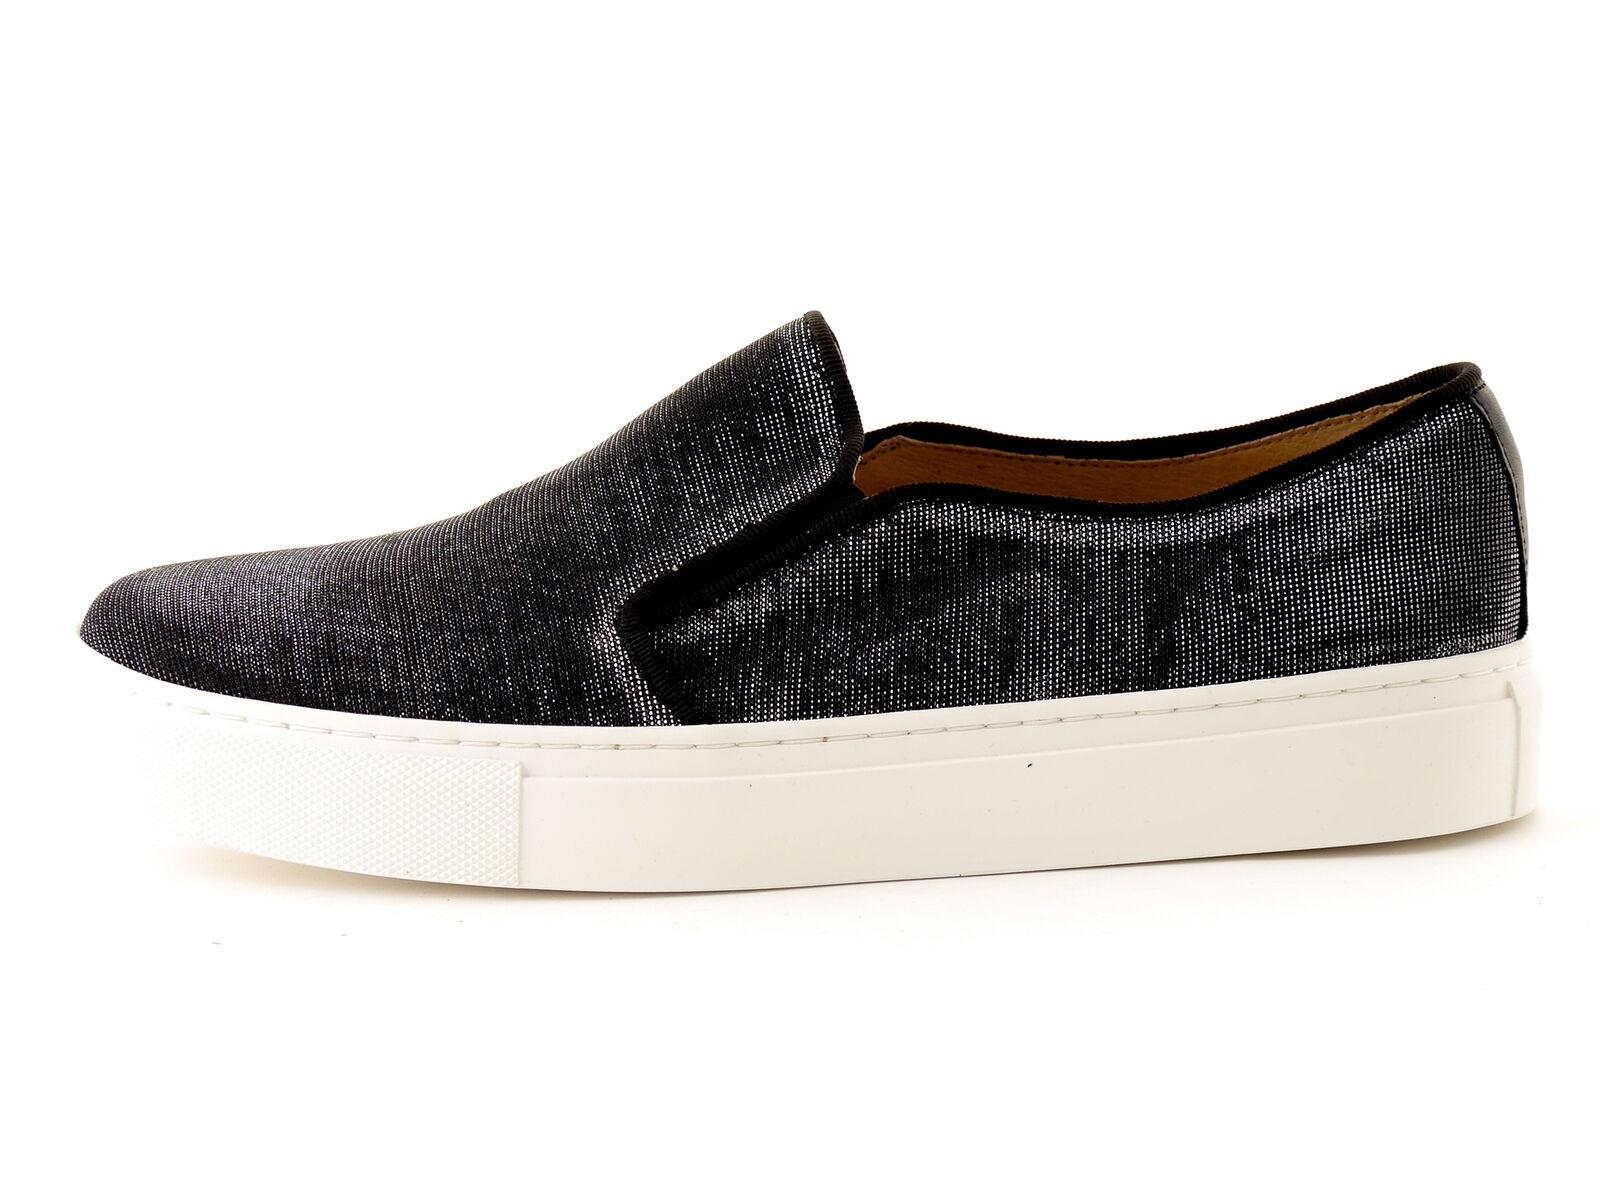 KMB Schuhe Slipper Slip On Notturno schwarz Glitzer Textil Gummi Leder